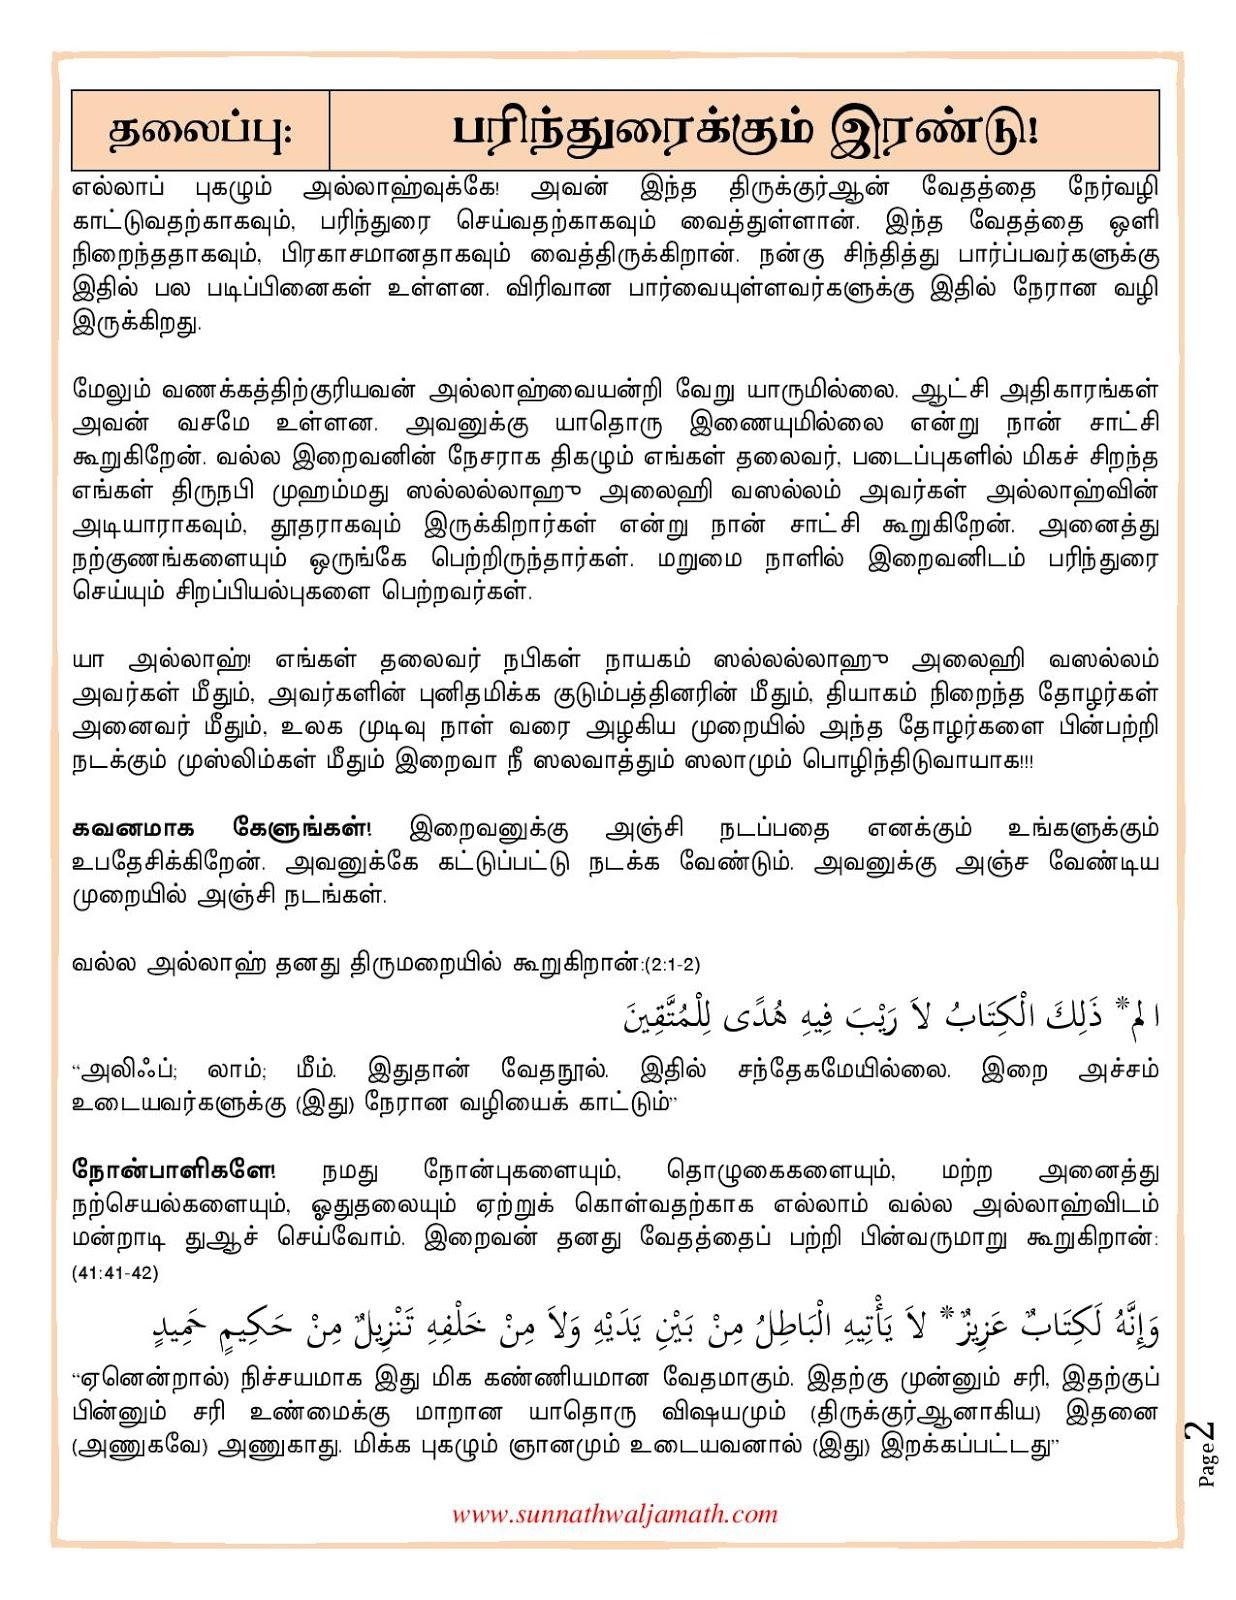 https://1.bp.blogspot.com/-HIbyA2wiT38/V1mq19hf4qI/AAAAAAAAHHM/EGKZC8KiSpIgpdd5vOVjBCG7kEGCy5nXgCLcB/s1600/Tamil%2B10th%2BJune-16-page-002.jpg